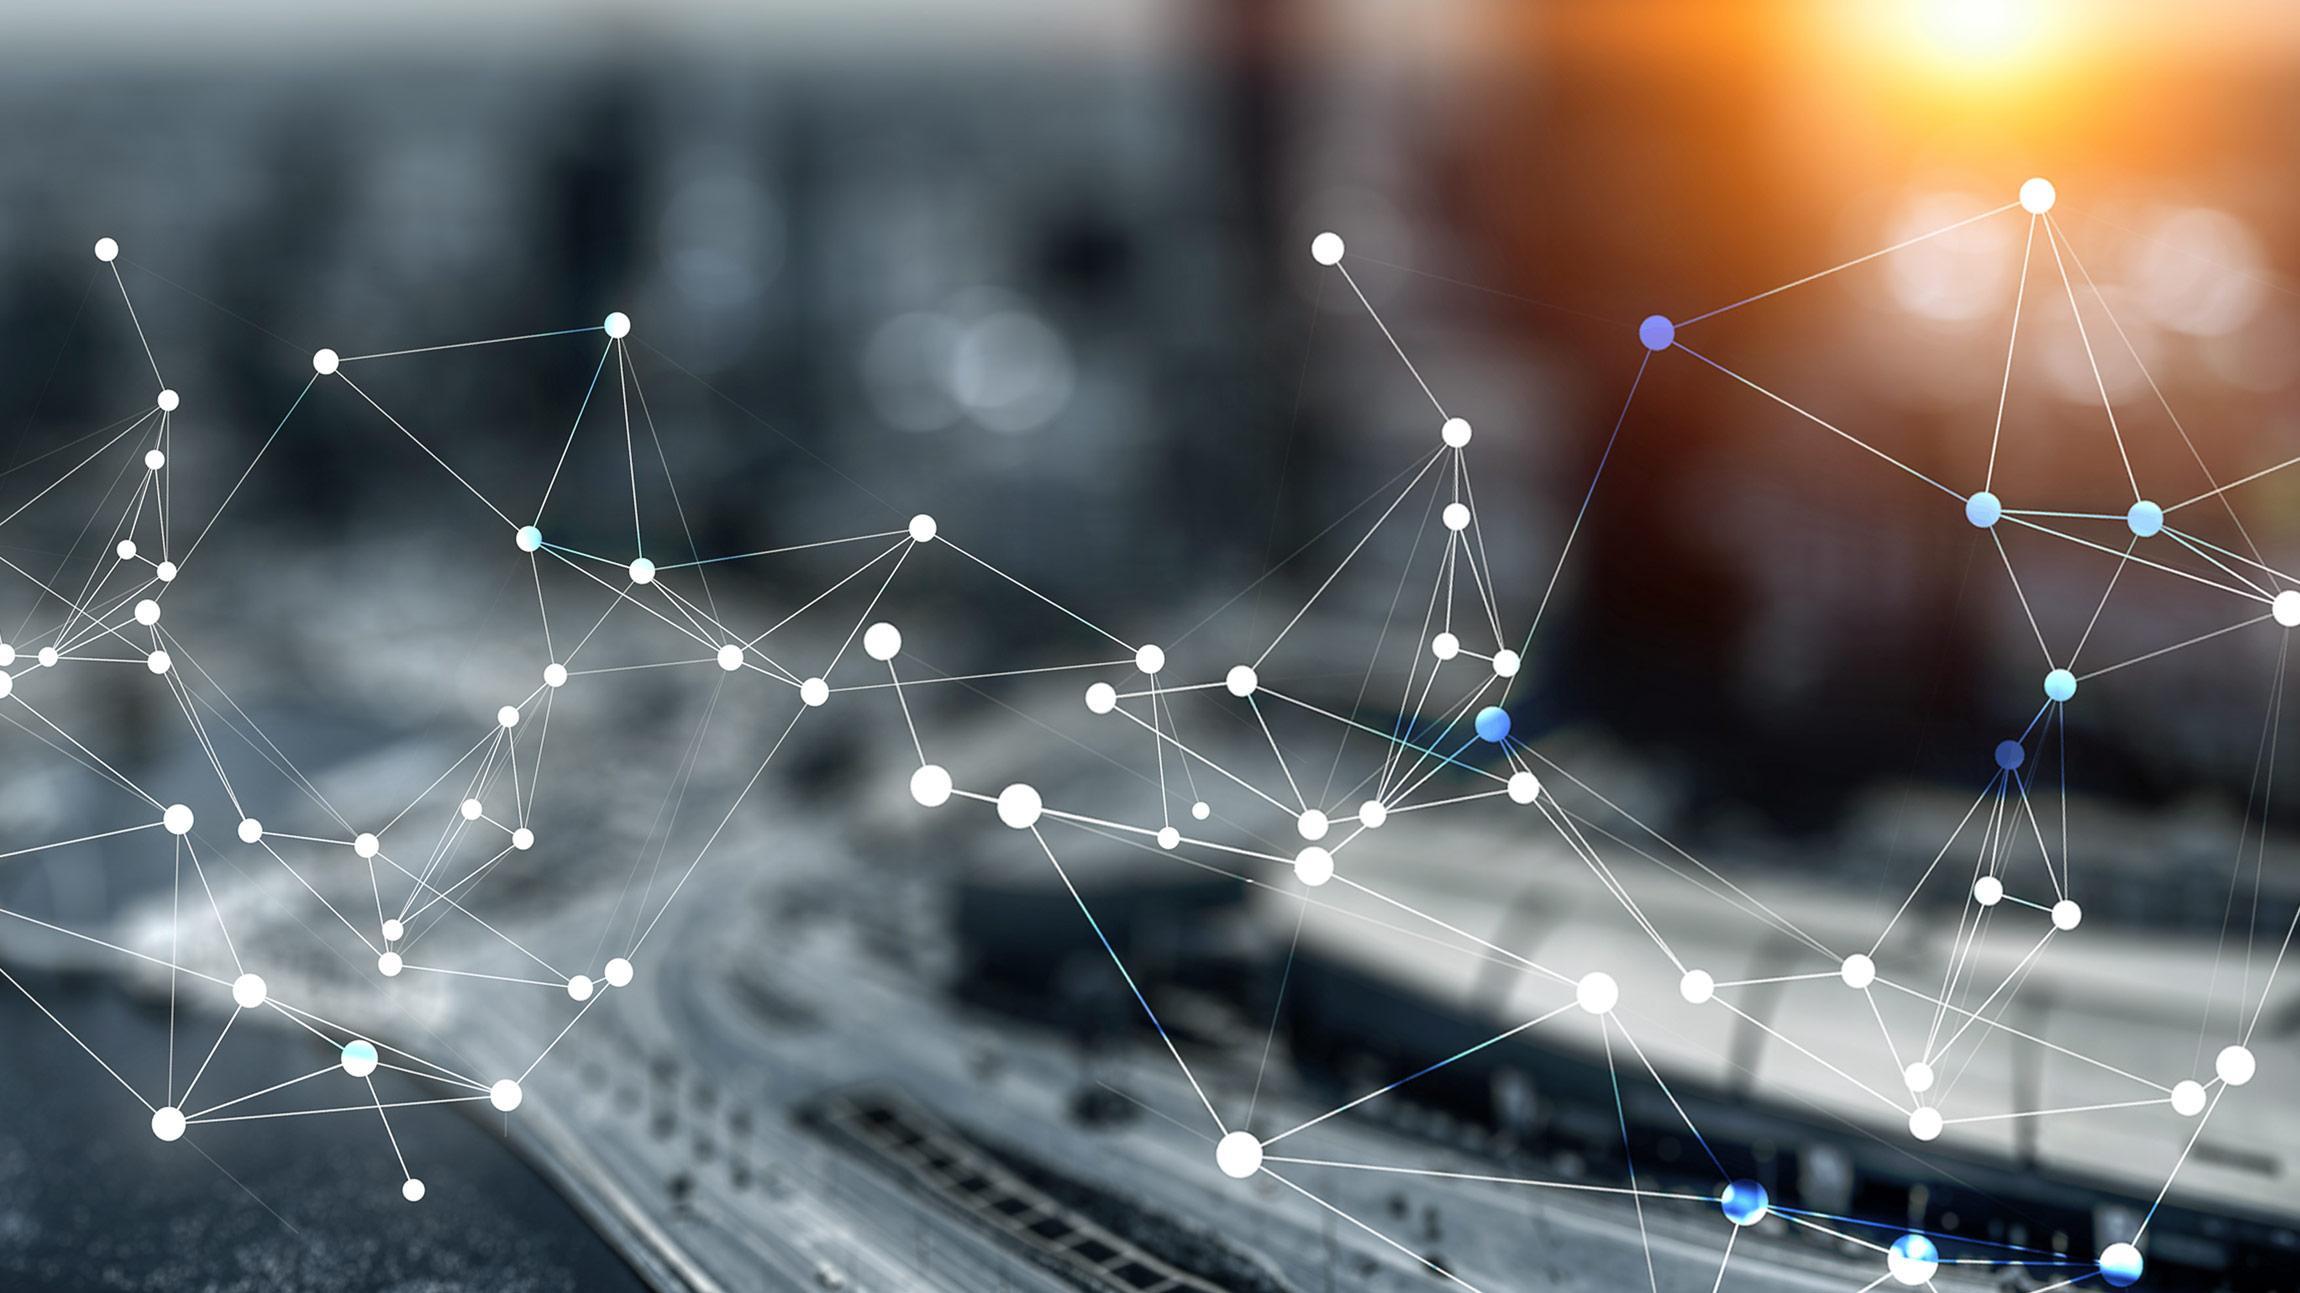 Digitaalisten palveluiden ja tuotteiden tutkimuksen ja kehityksen edelläkävijä